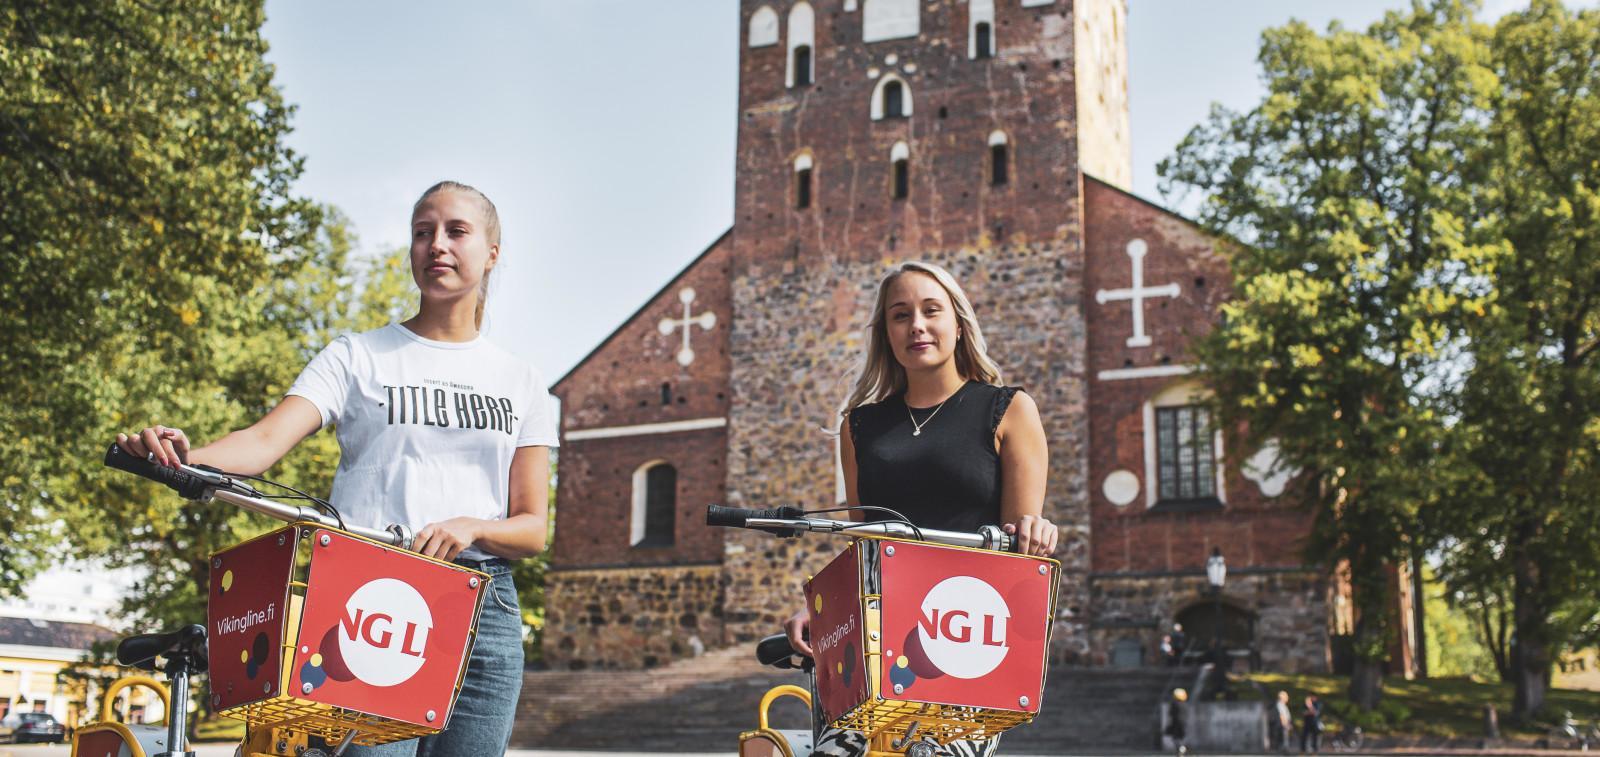 Kaksi vaaleaa naista Tuomiokirkon edessä taluttamassa Föli-fillareita